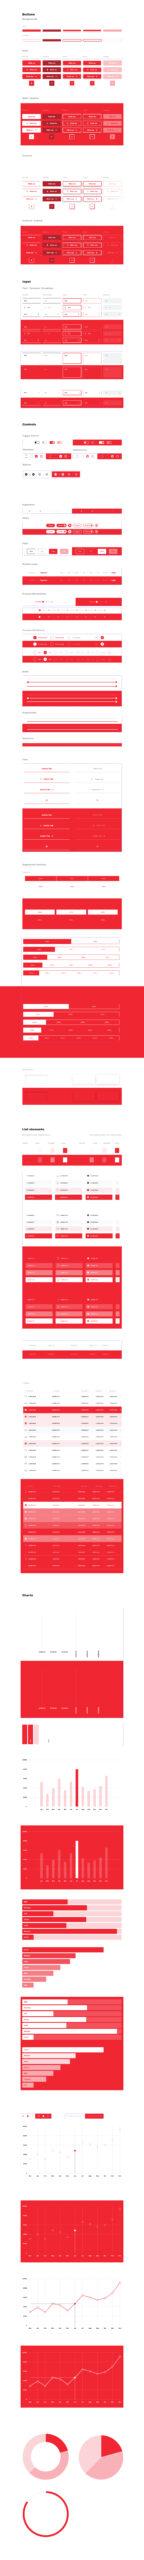 BUIK免费用户界面UI套件插图